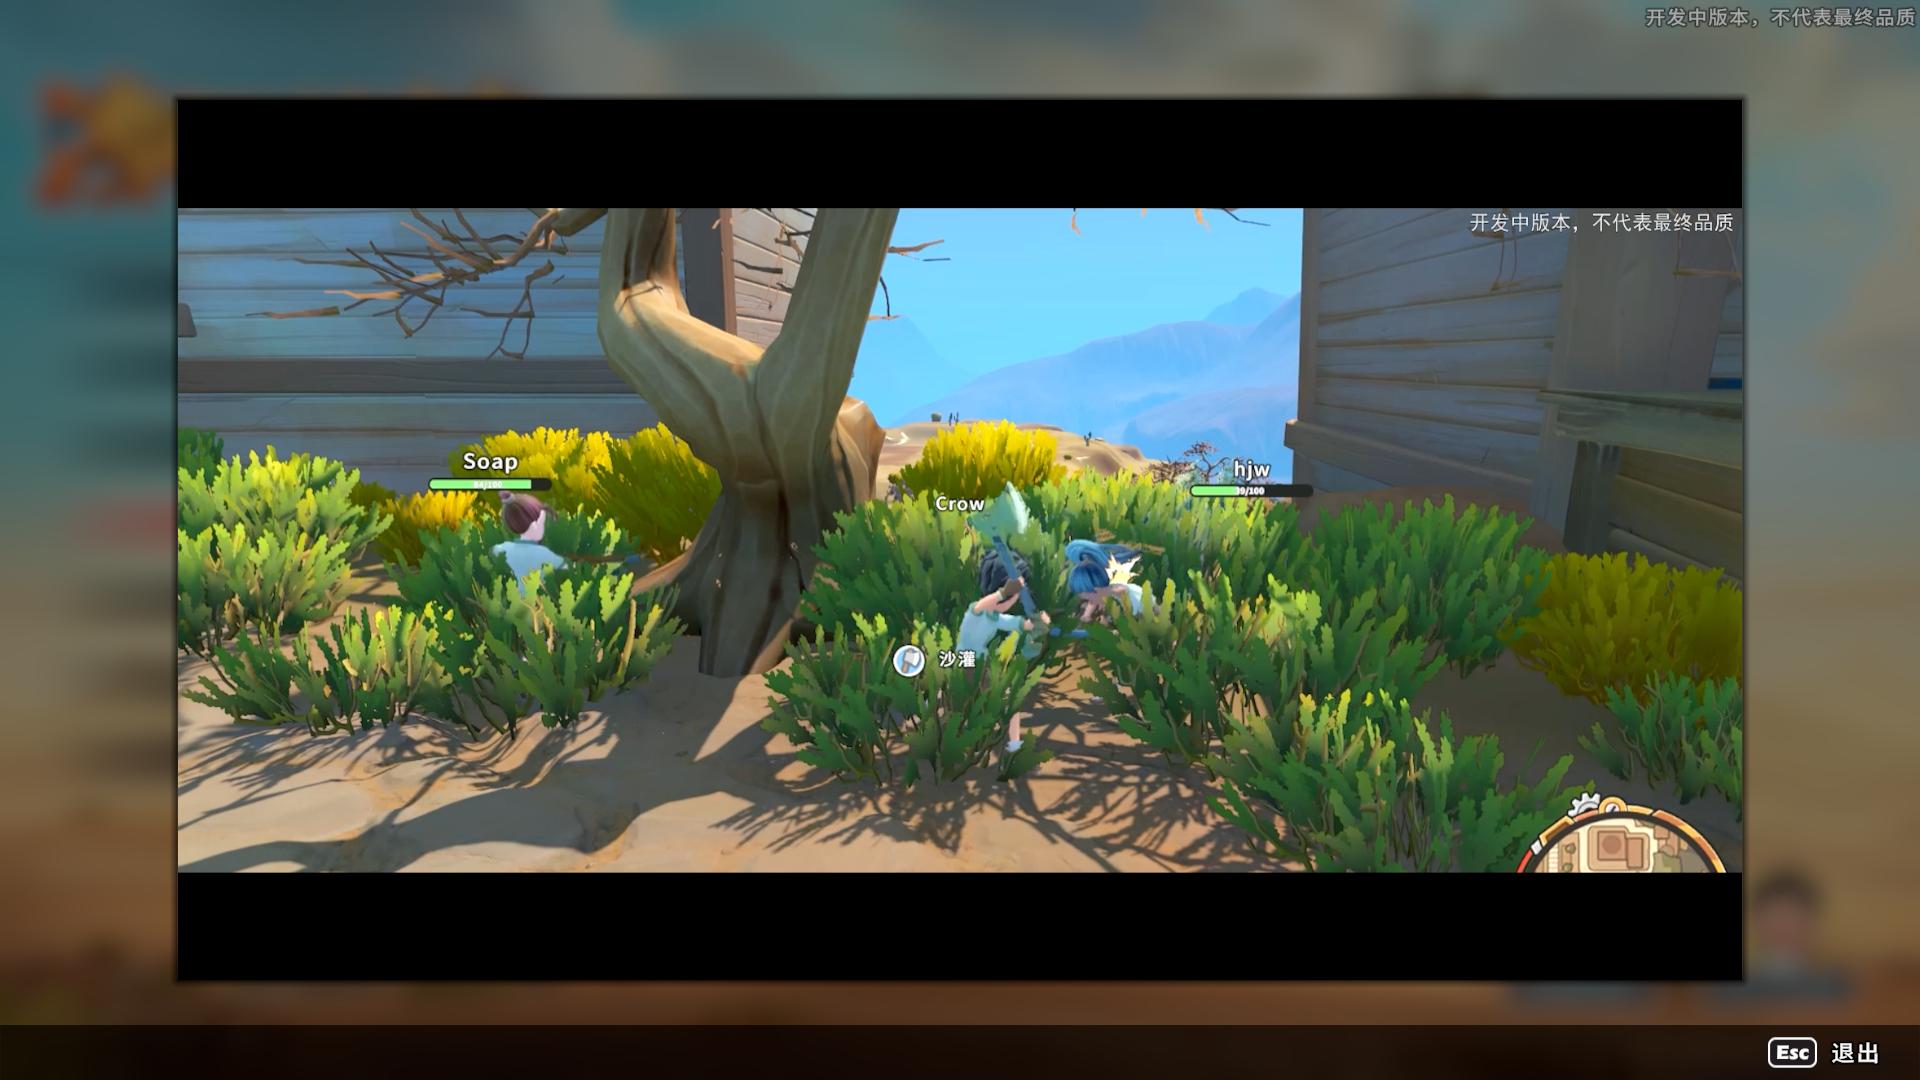 《沙石镇时光》Demo免费登陆Steam 多人模式首次公布